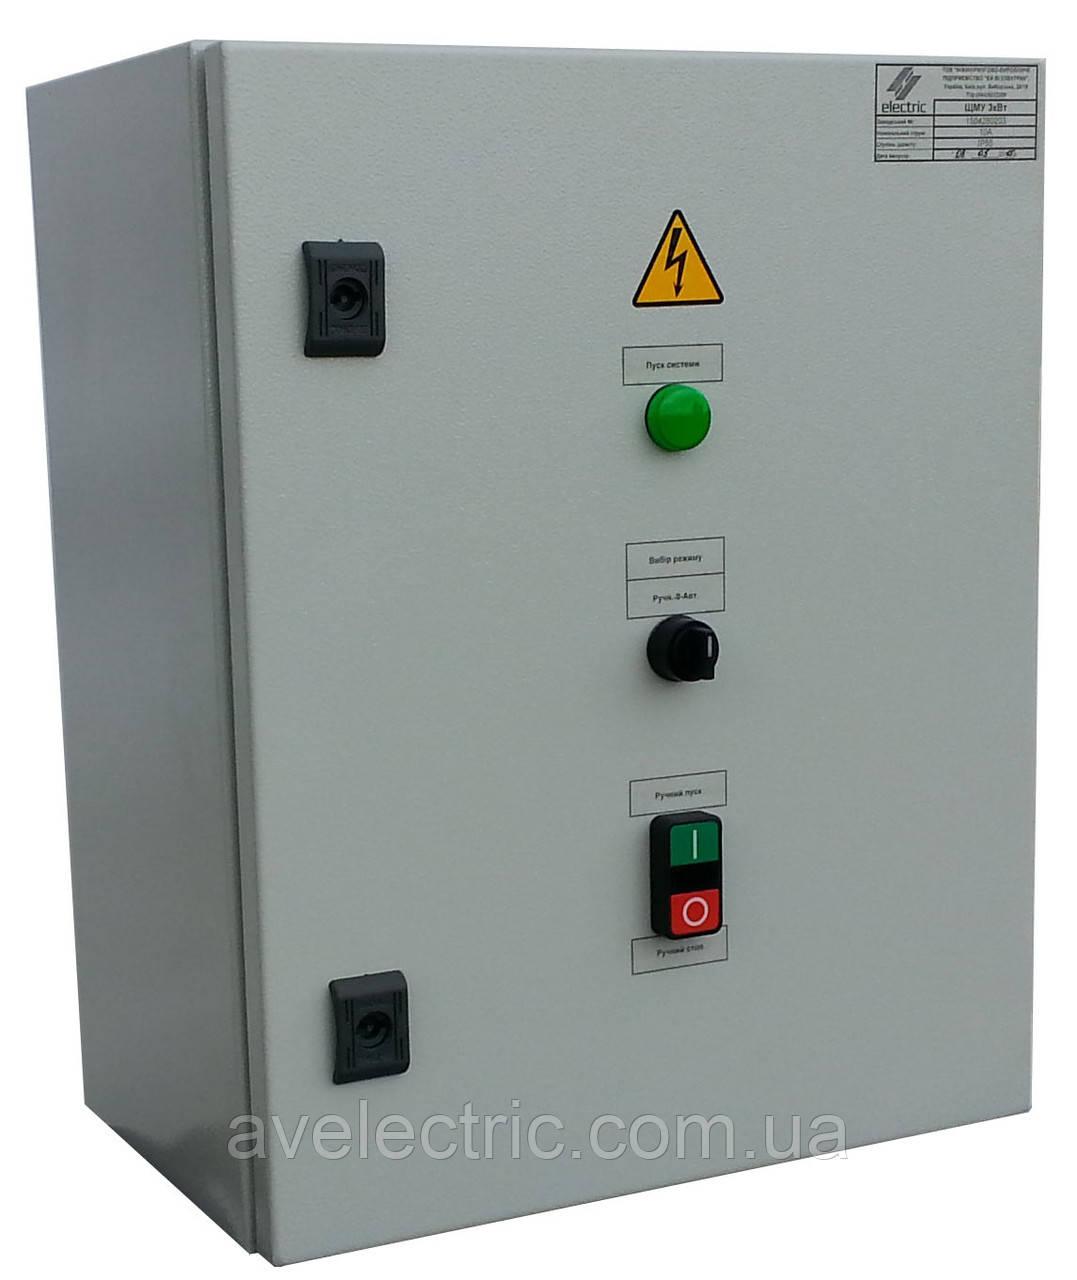 Ящик управления электродвигателем Я5411-3174-54У3